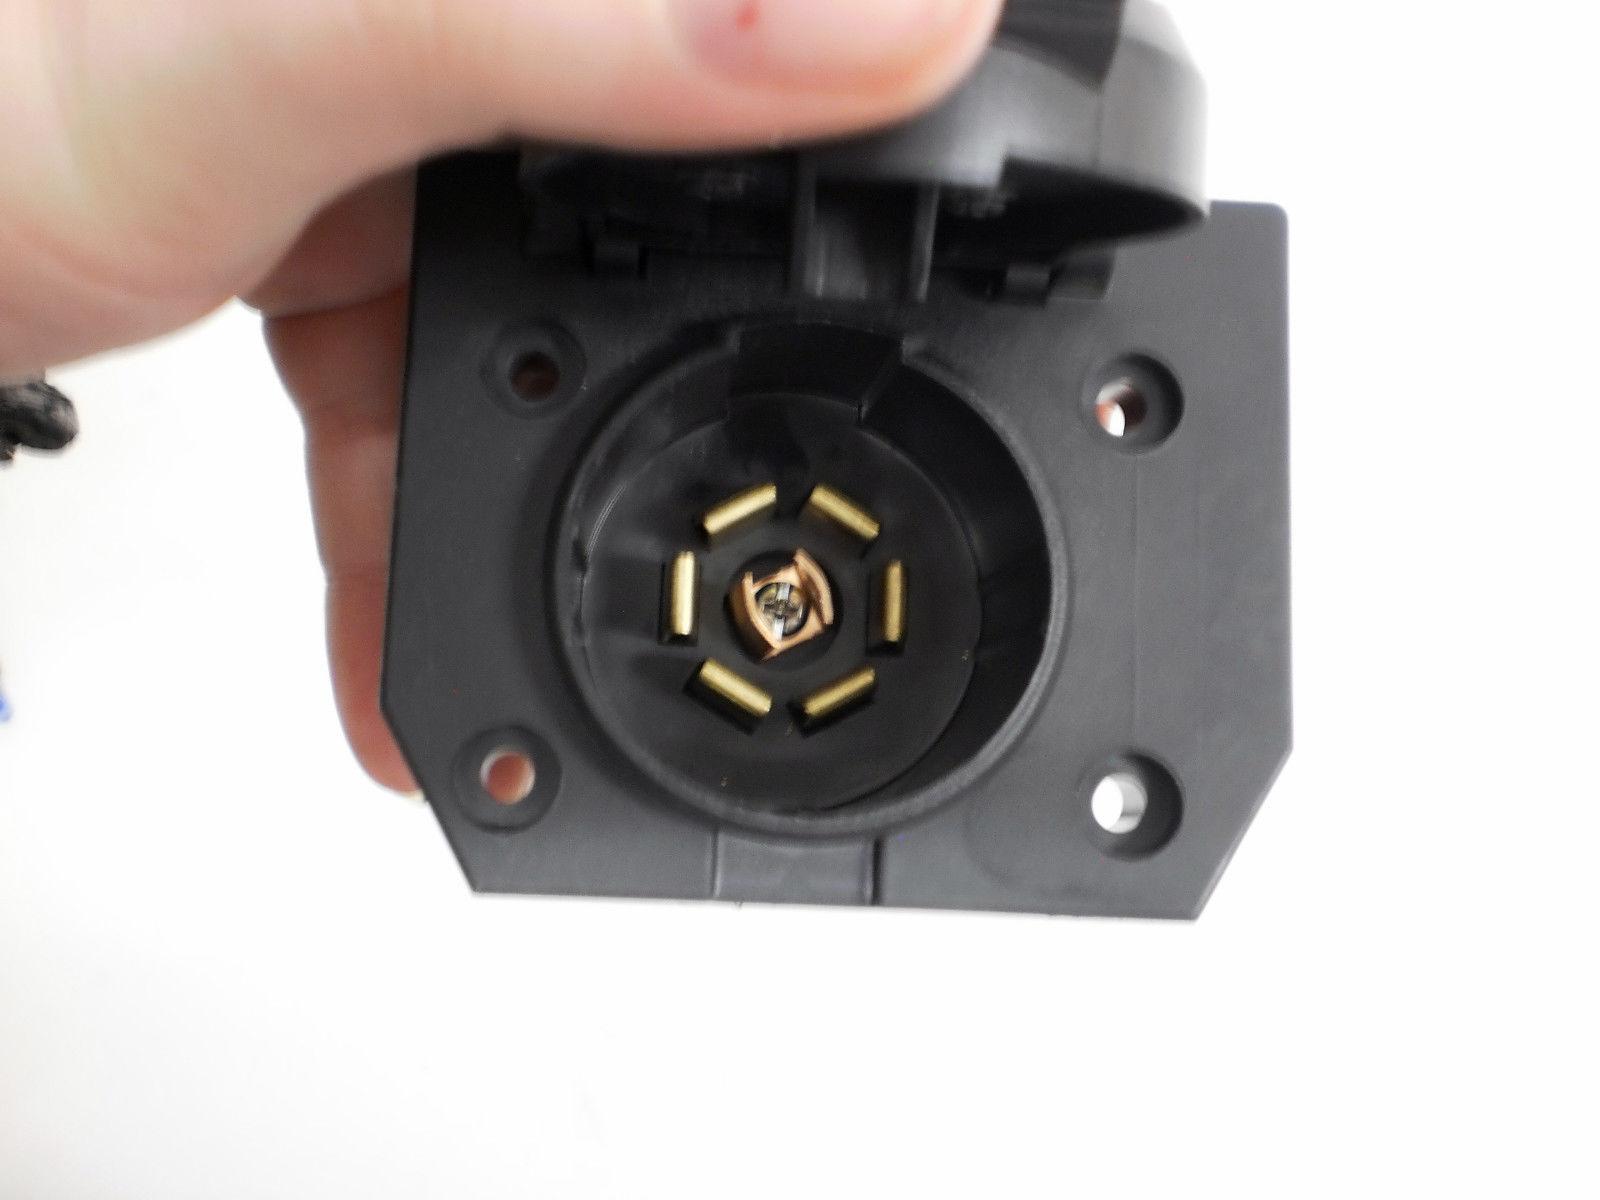 6 way round trailer wiring diagram 7    way       round    pin truck to 7 blade    trailer    plug adapter ebay  7    way       round    pin truck to 7 blade    trailer    plug adapter ebay